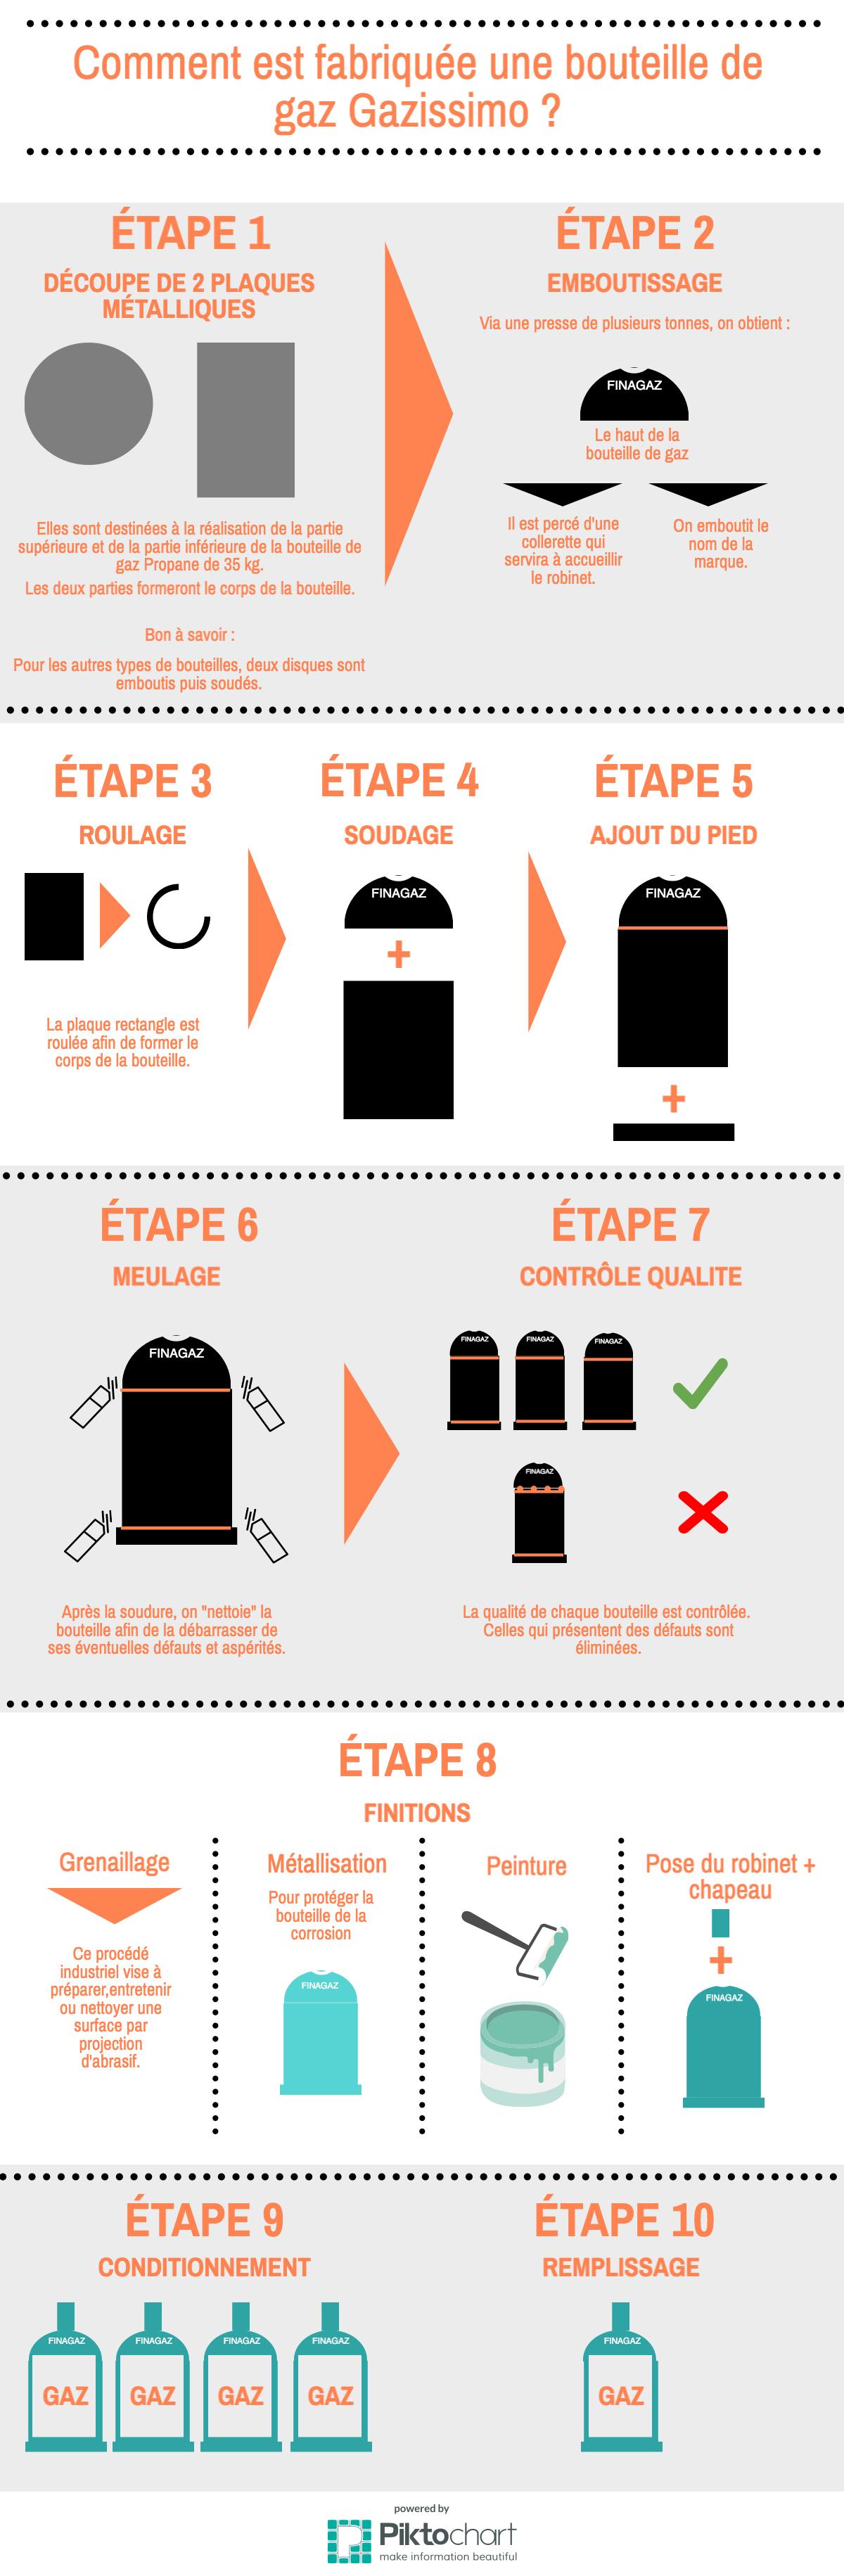 La fabrication des bouteilles de gaz Gazissimo se décompose en plusieurs étapes distinctes. Découpe, emboutissage, soudage  : tout savoir.